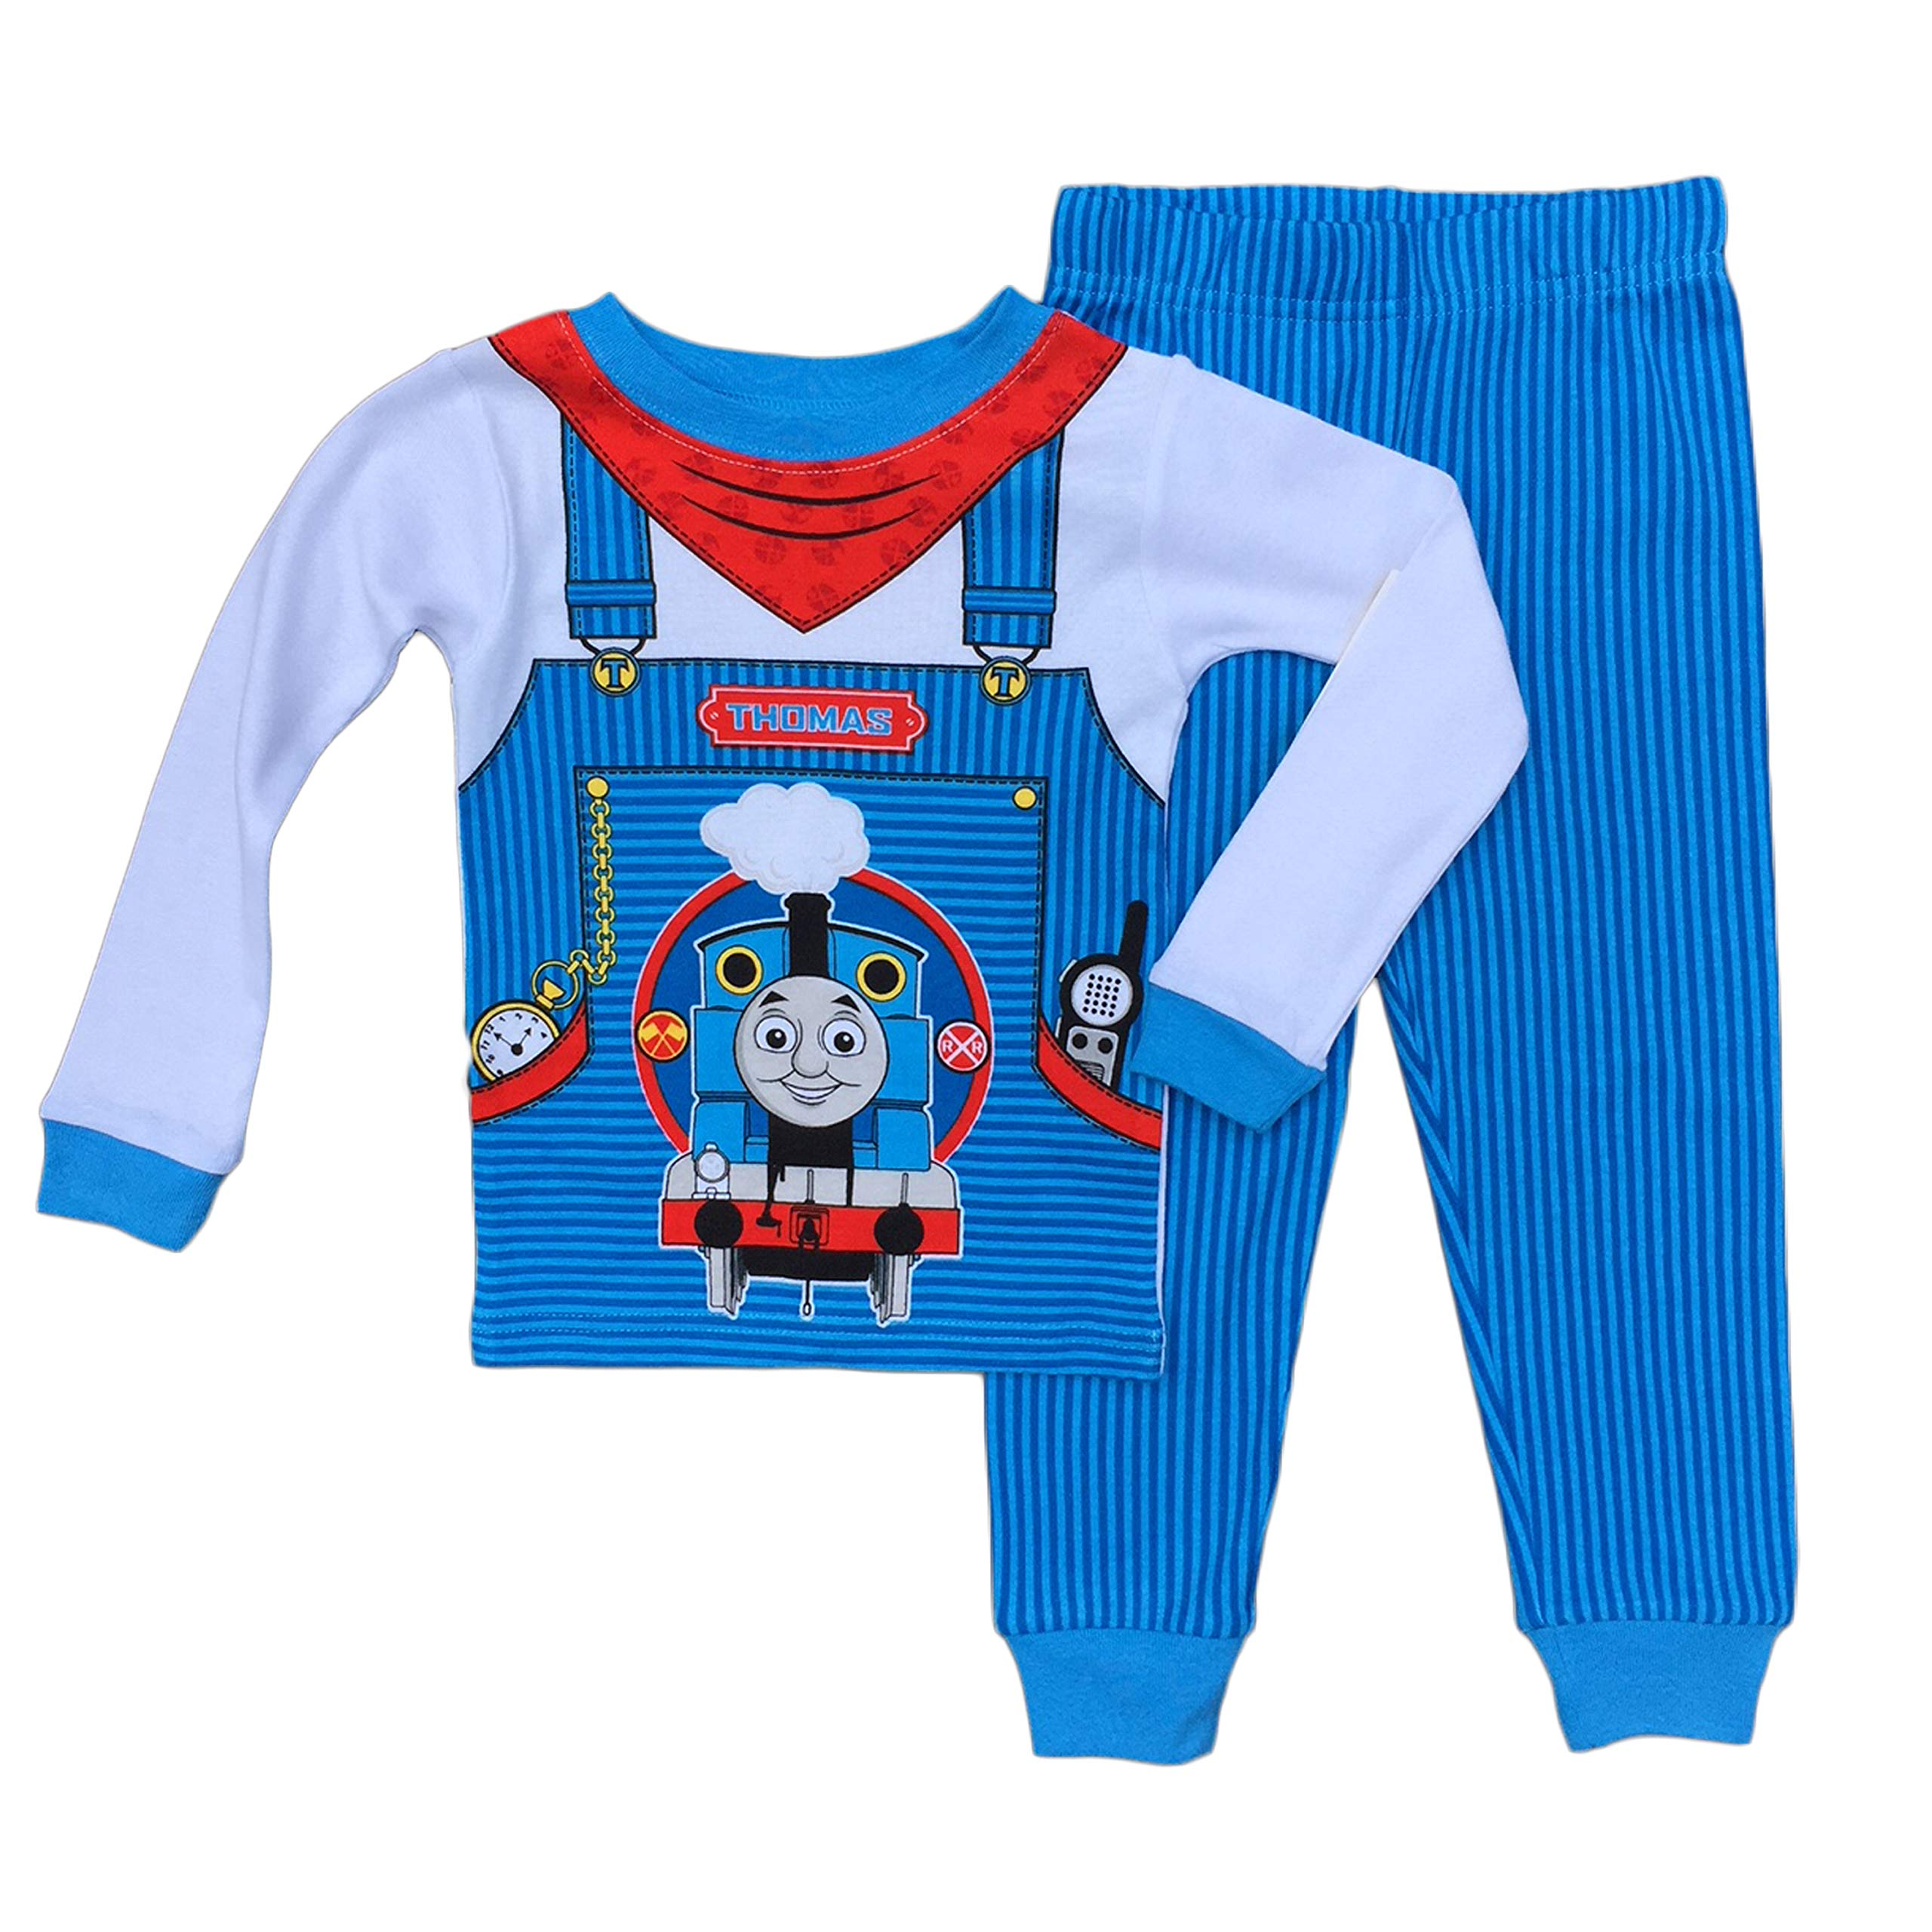 Thomas The Train Little Boys Toddler Cotton Pajama Set (3T)